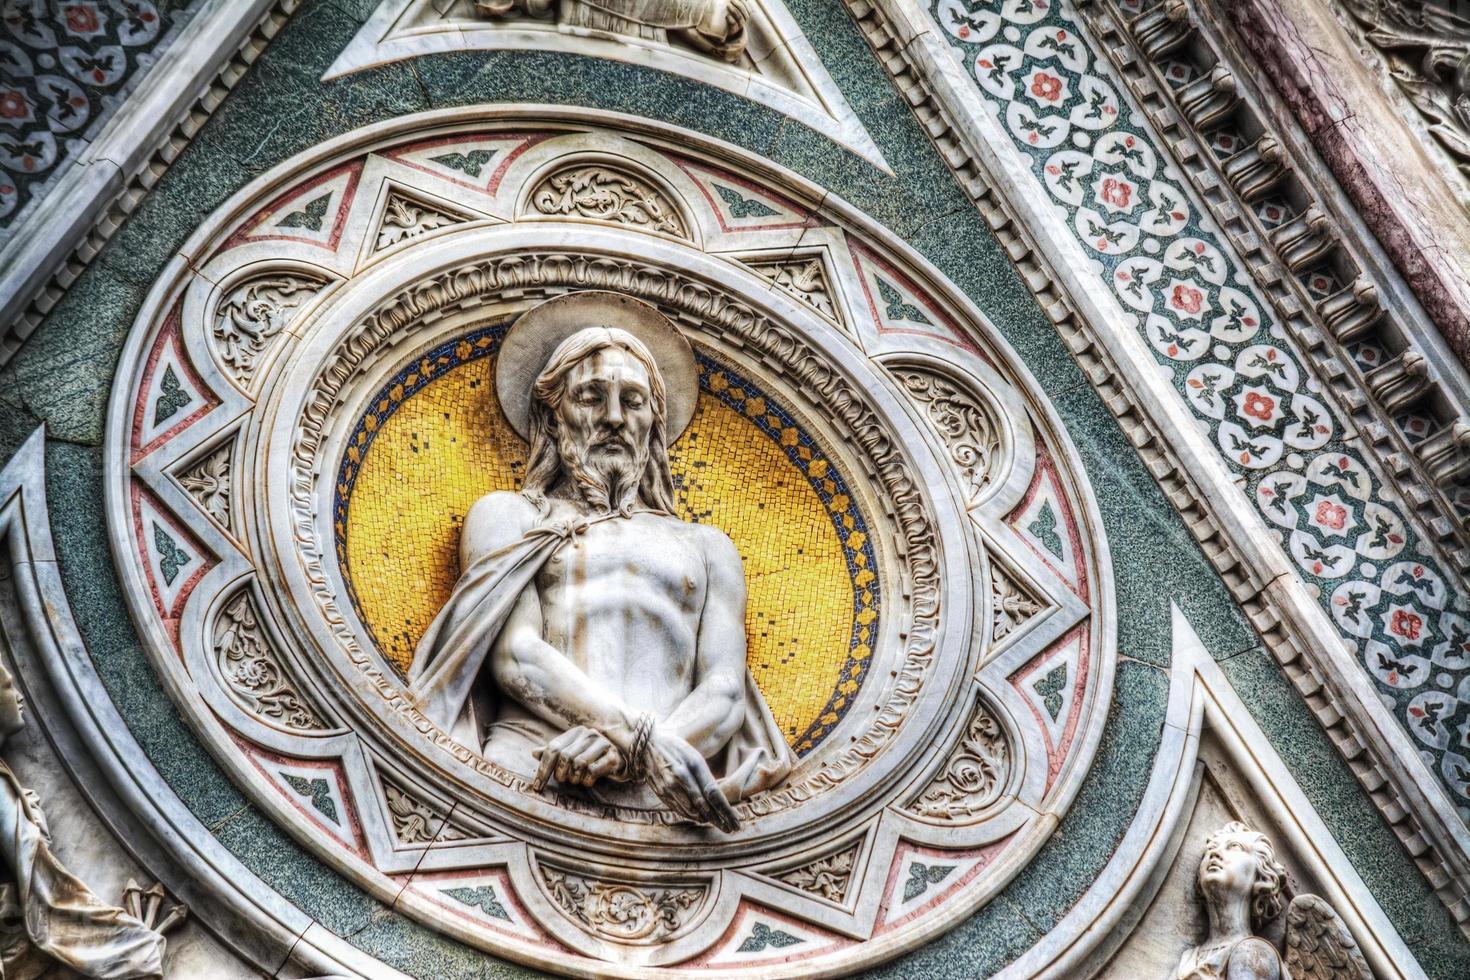 estátua de jesus cristo em santa maria del fiore foto